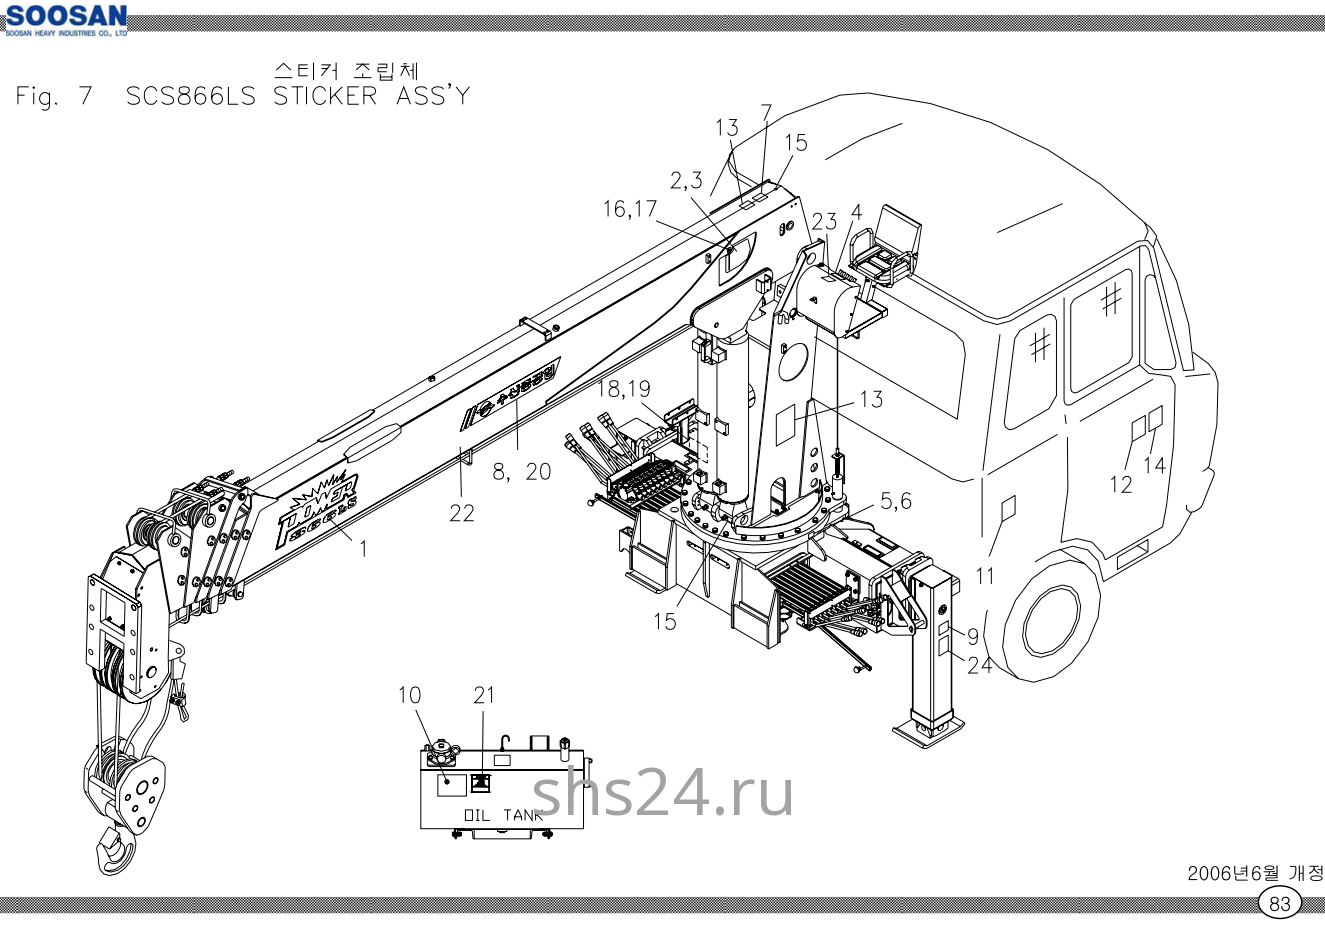 Схема расположения стикеров Soosan SCS 866